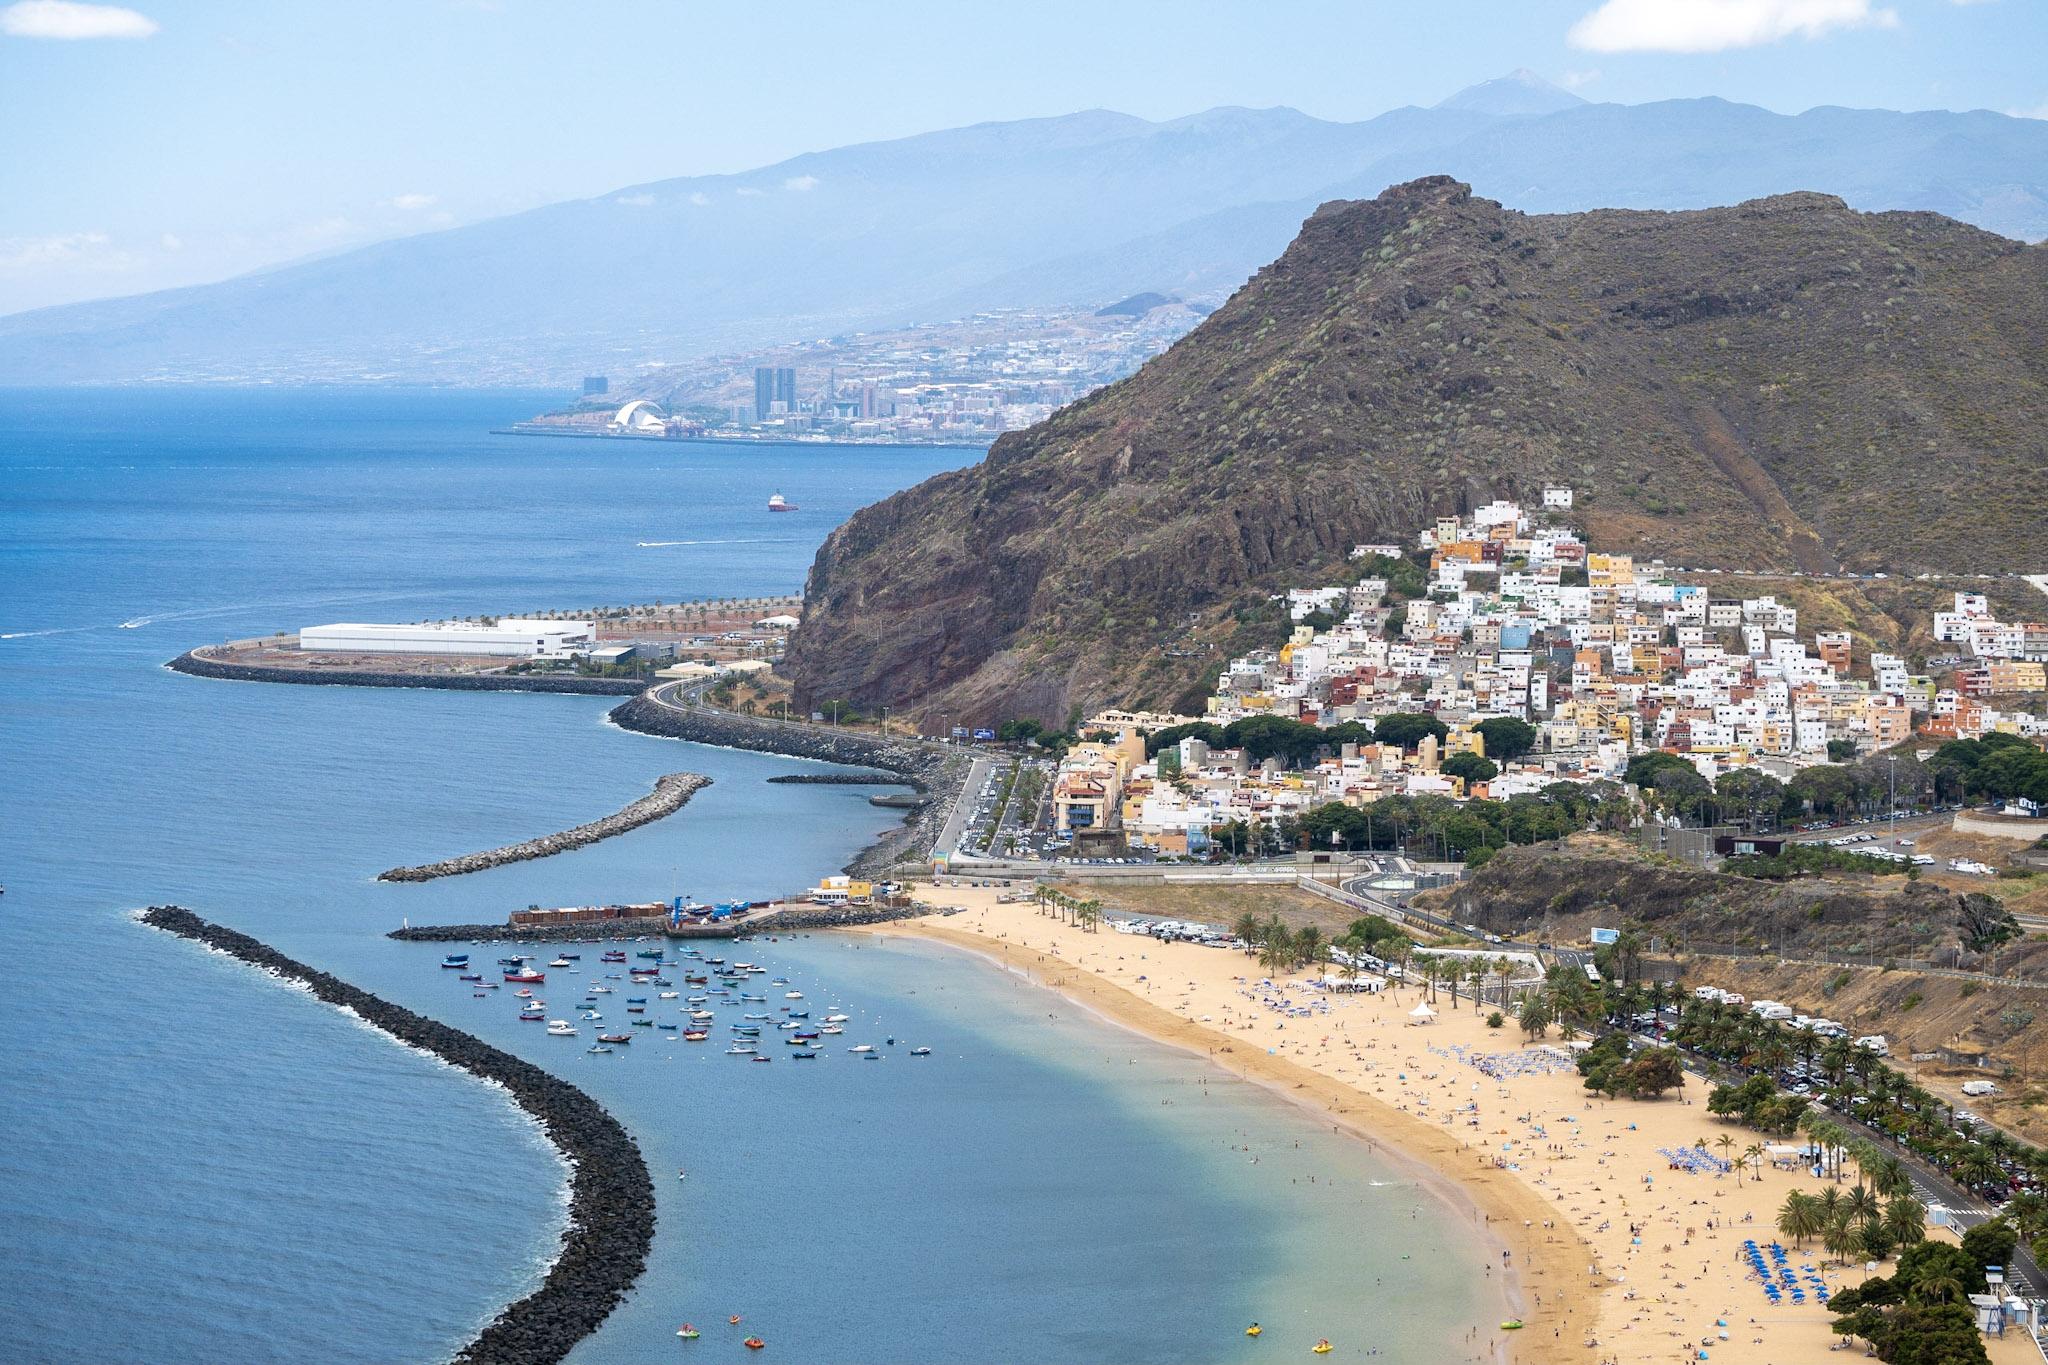 Koupání a krásné písečné pláže k Tenerife také neodmyslitelně patří